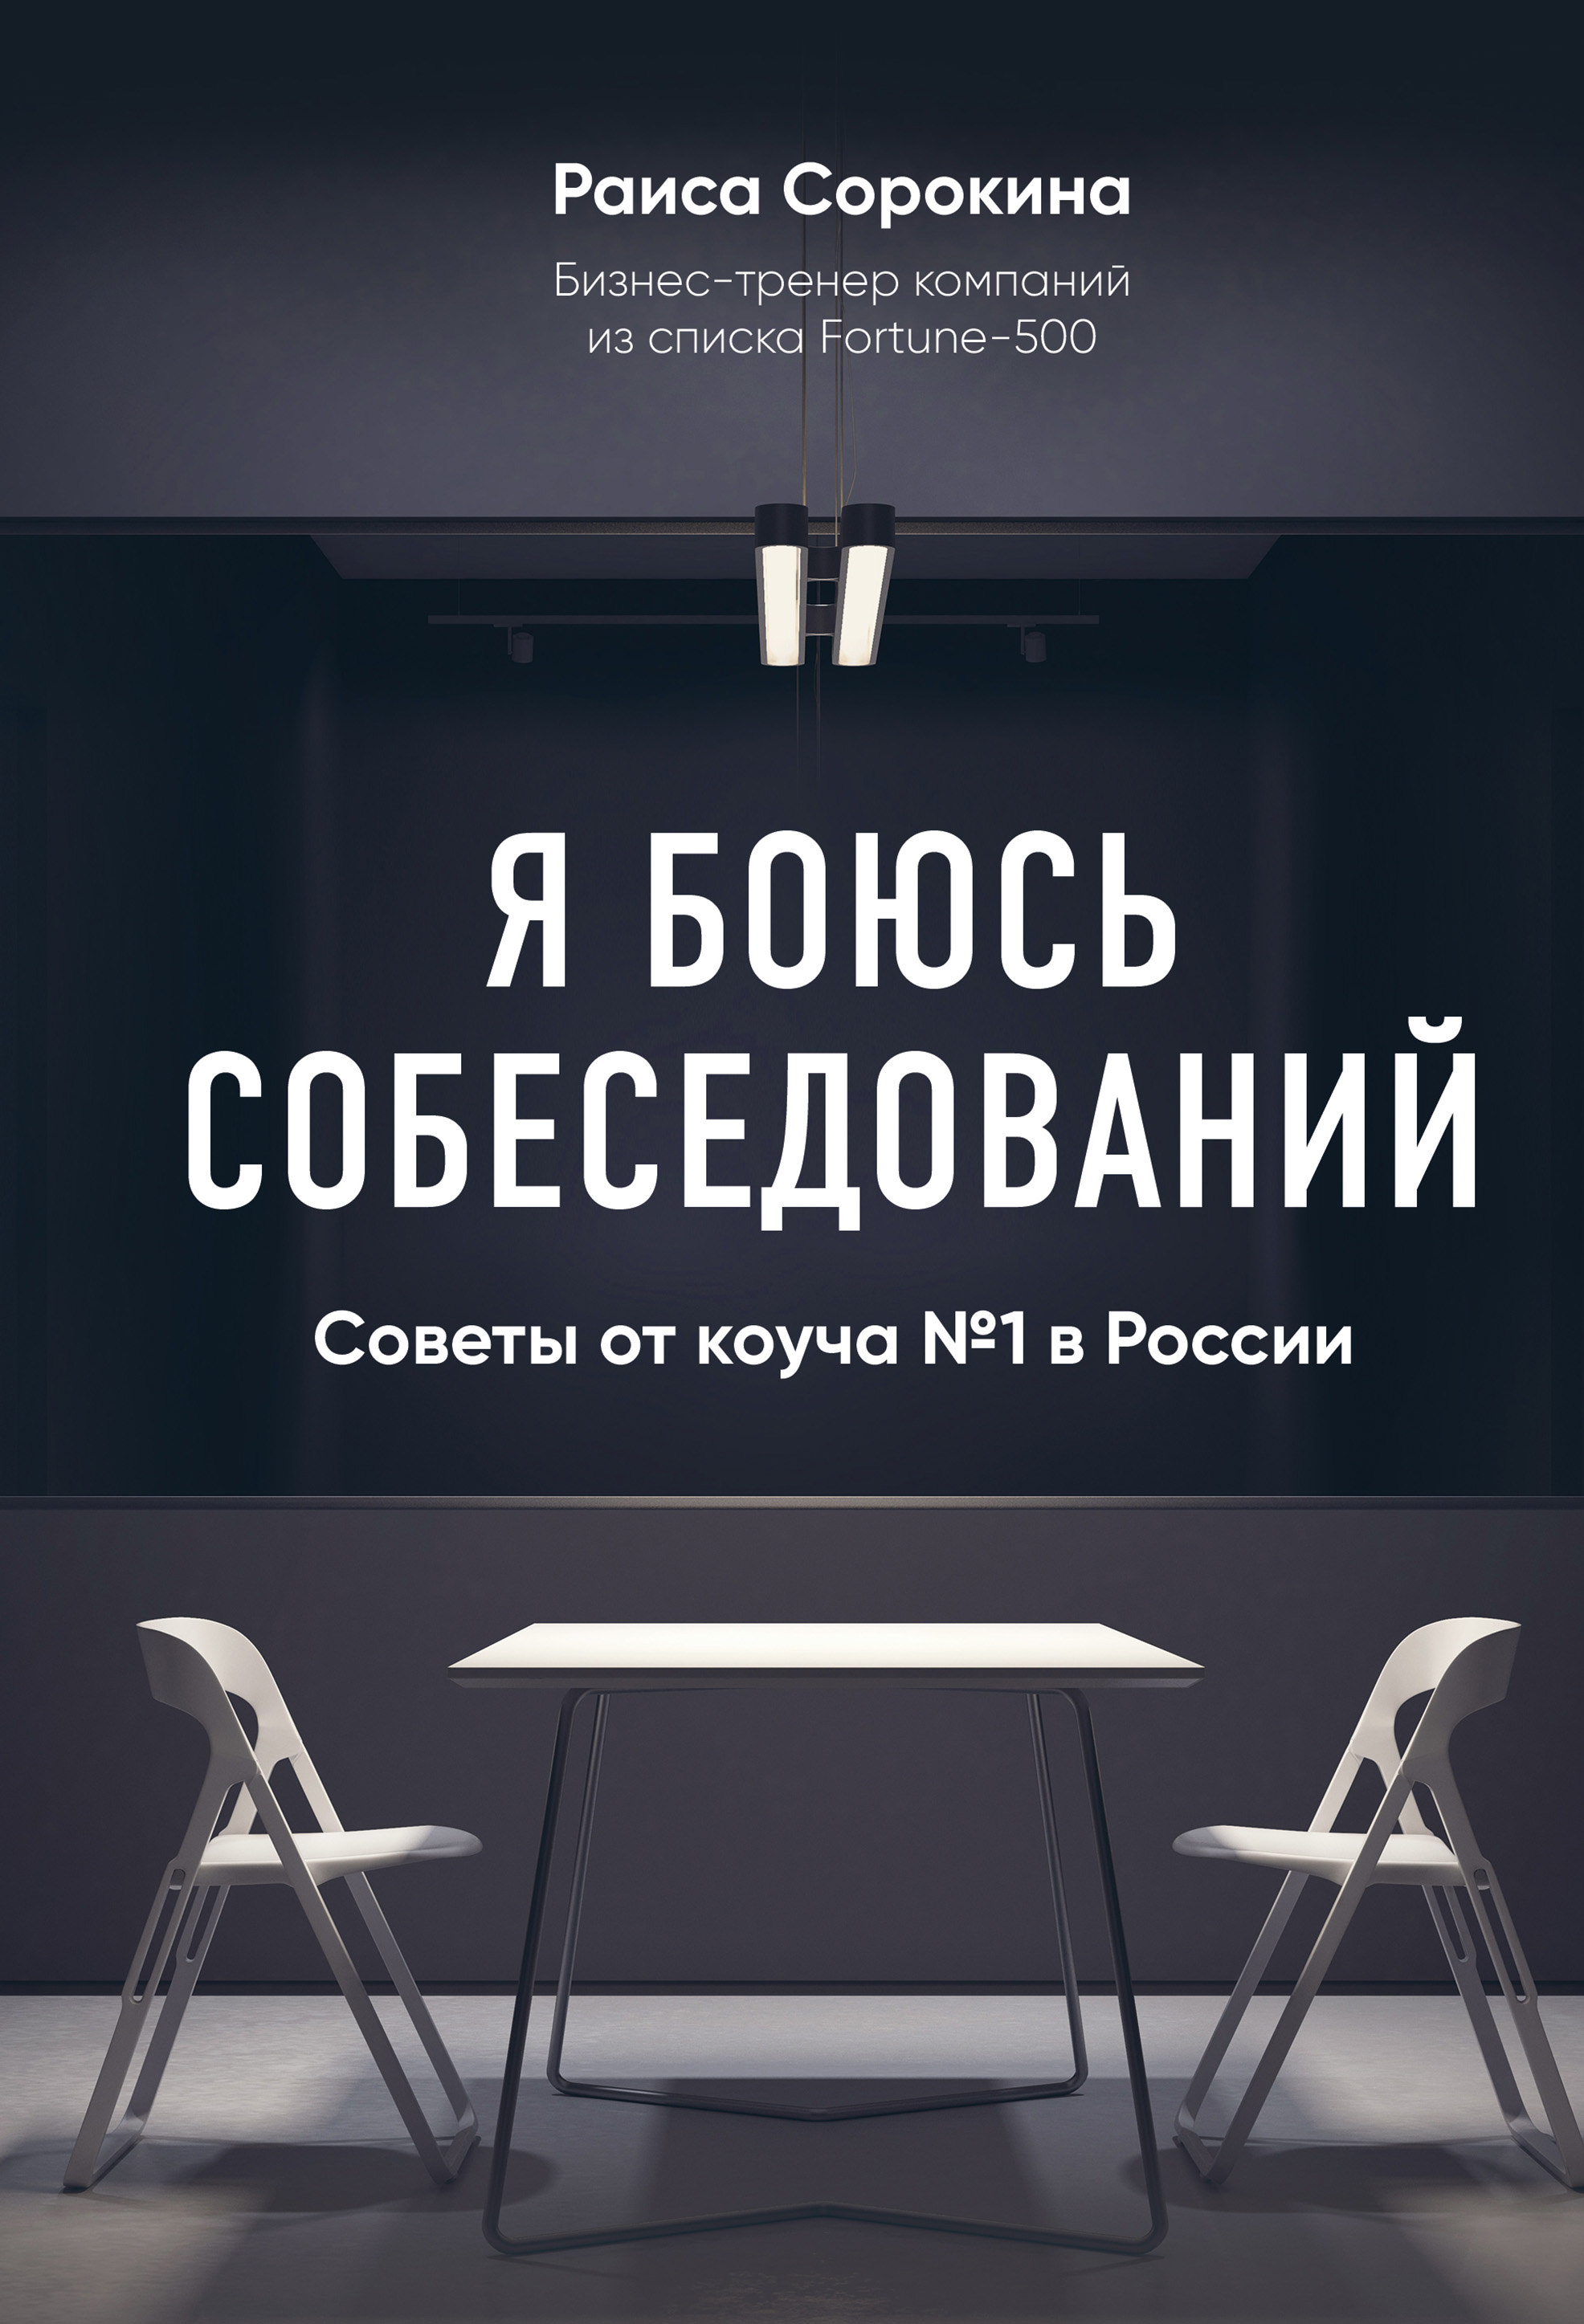 Я боюсь собеседований! Советы от коуча № 1 в России